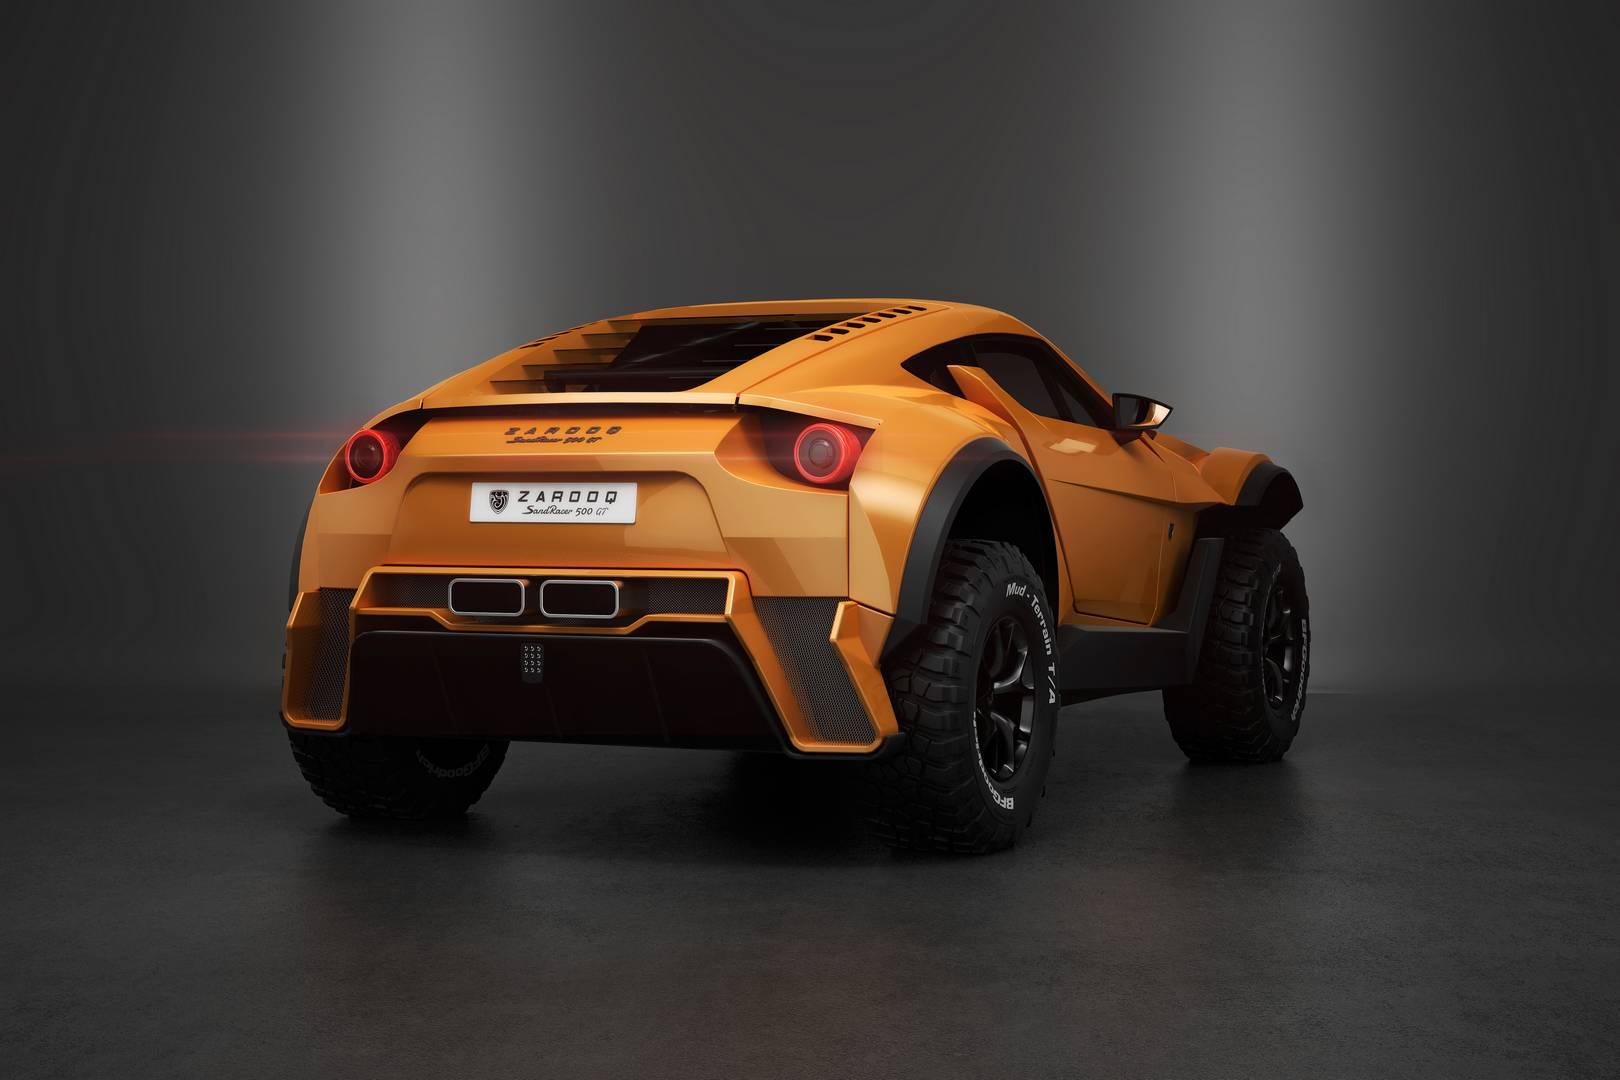 Автомобиль представляет собой роскошной багги. После того, как первоначальный дизайн был представлен еще в конце 2015 года, SandRacer прошел обширные испытания и теперь готов к производству.